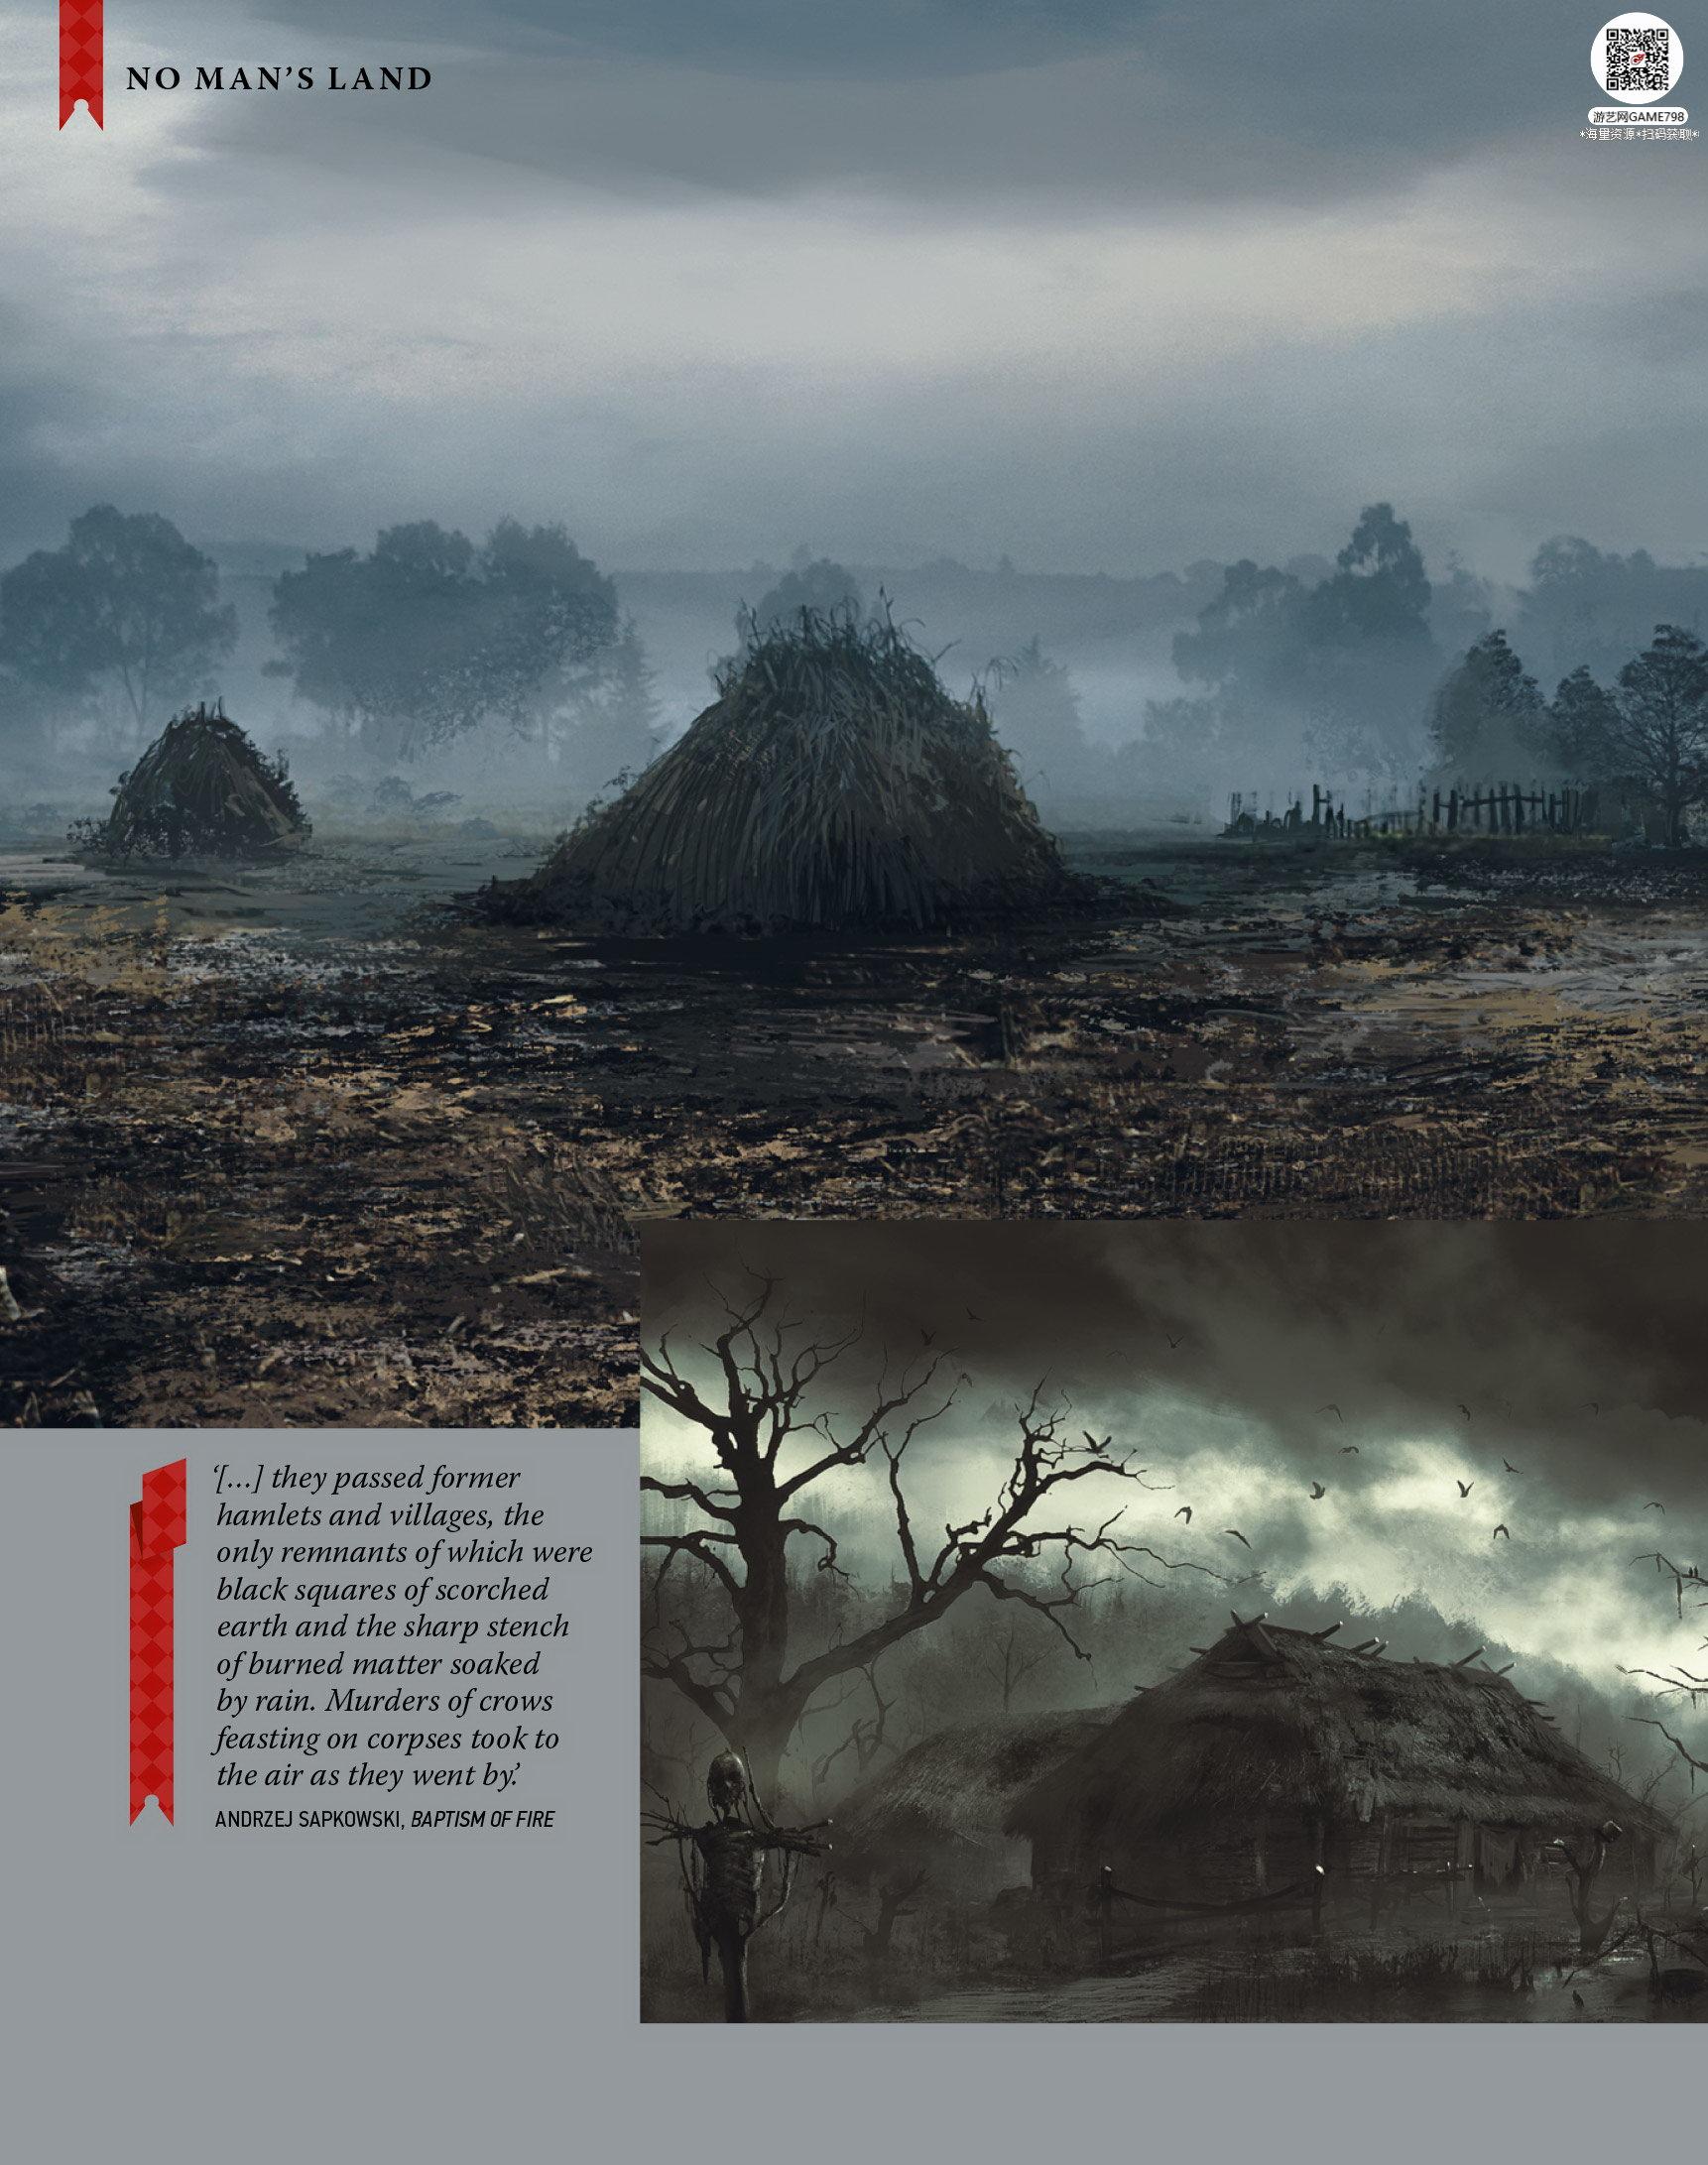 017_关注游艺网公众号获海量资源_次世代游戏巫师3(Witcher)官方原画概念设定.jpg